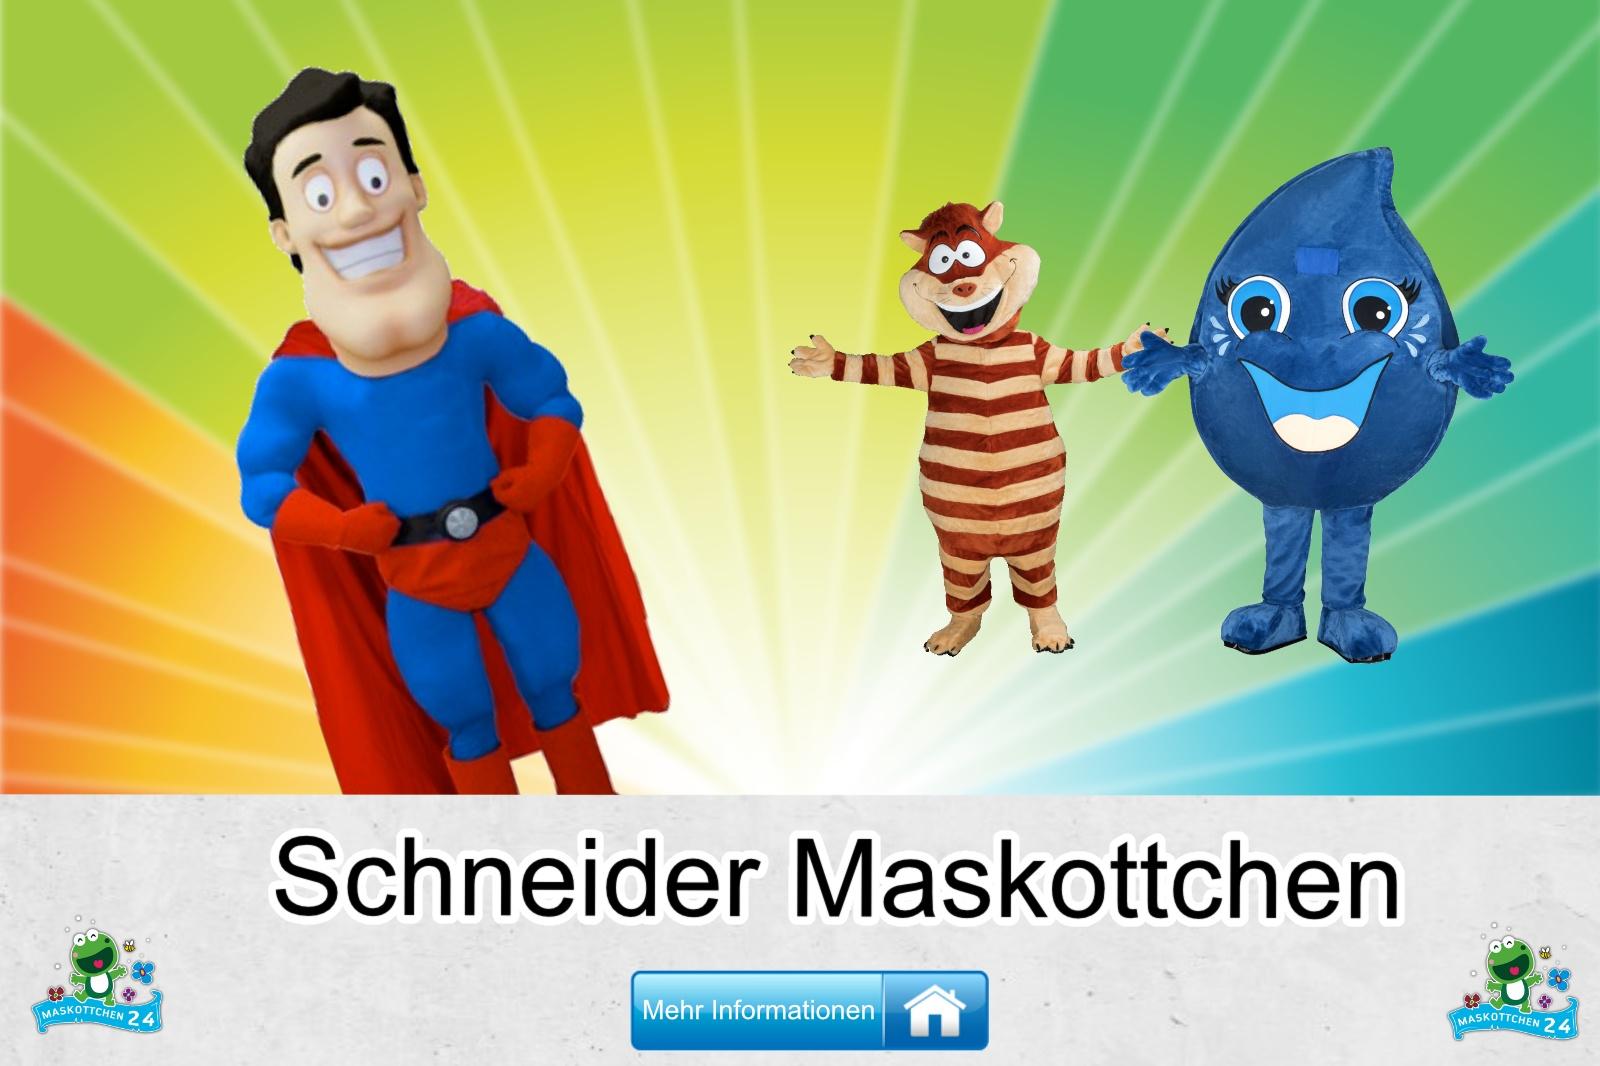 Der Schneider Maskottchen Kostüm kaufen, günstige Produktion und Herstellung.